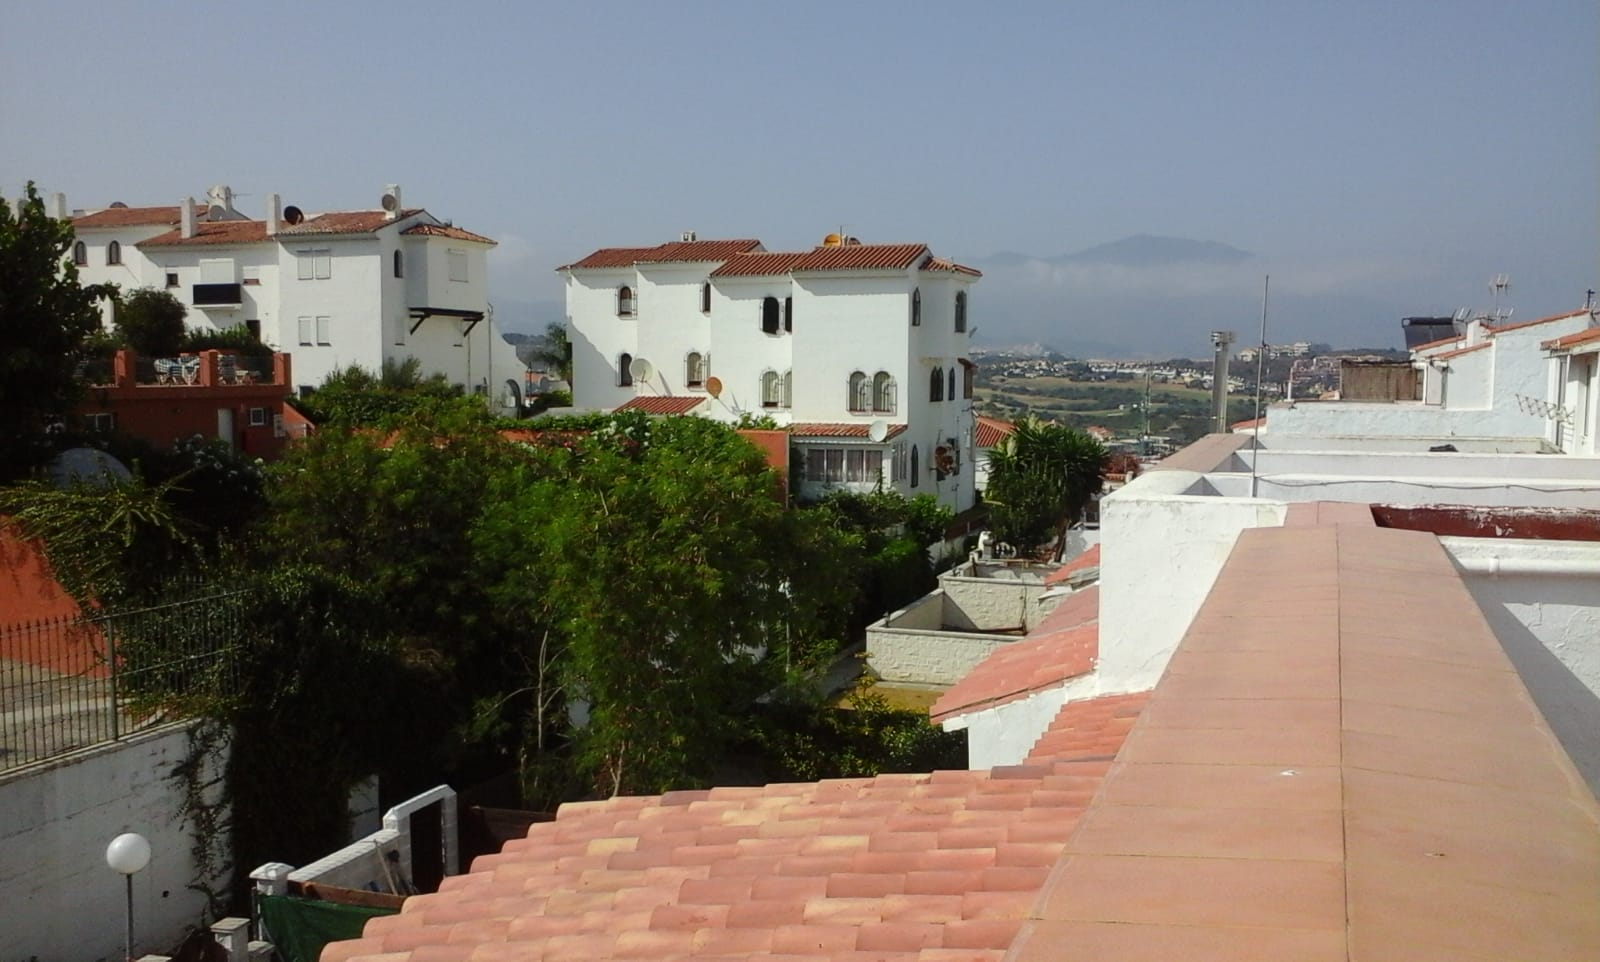 Adosada Manilva cerca del mar